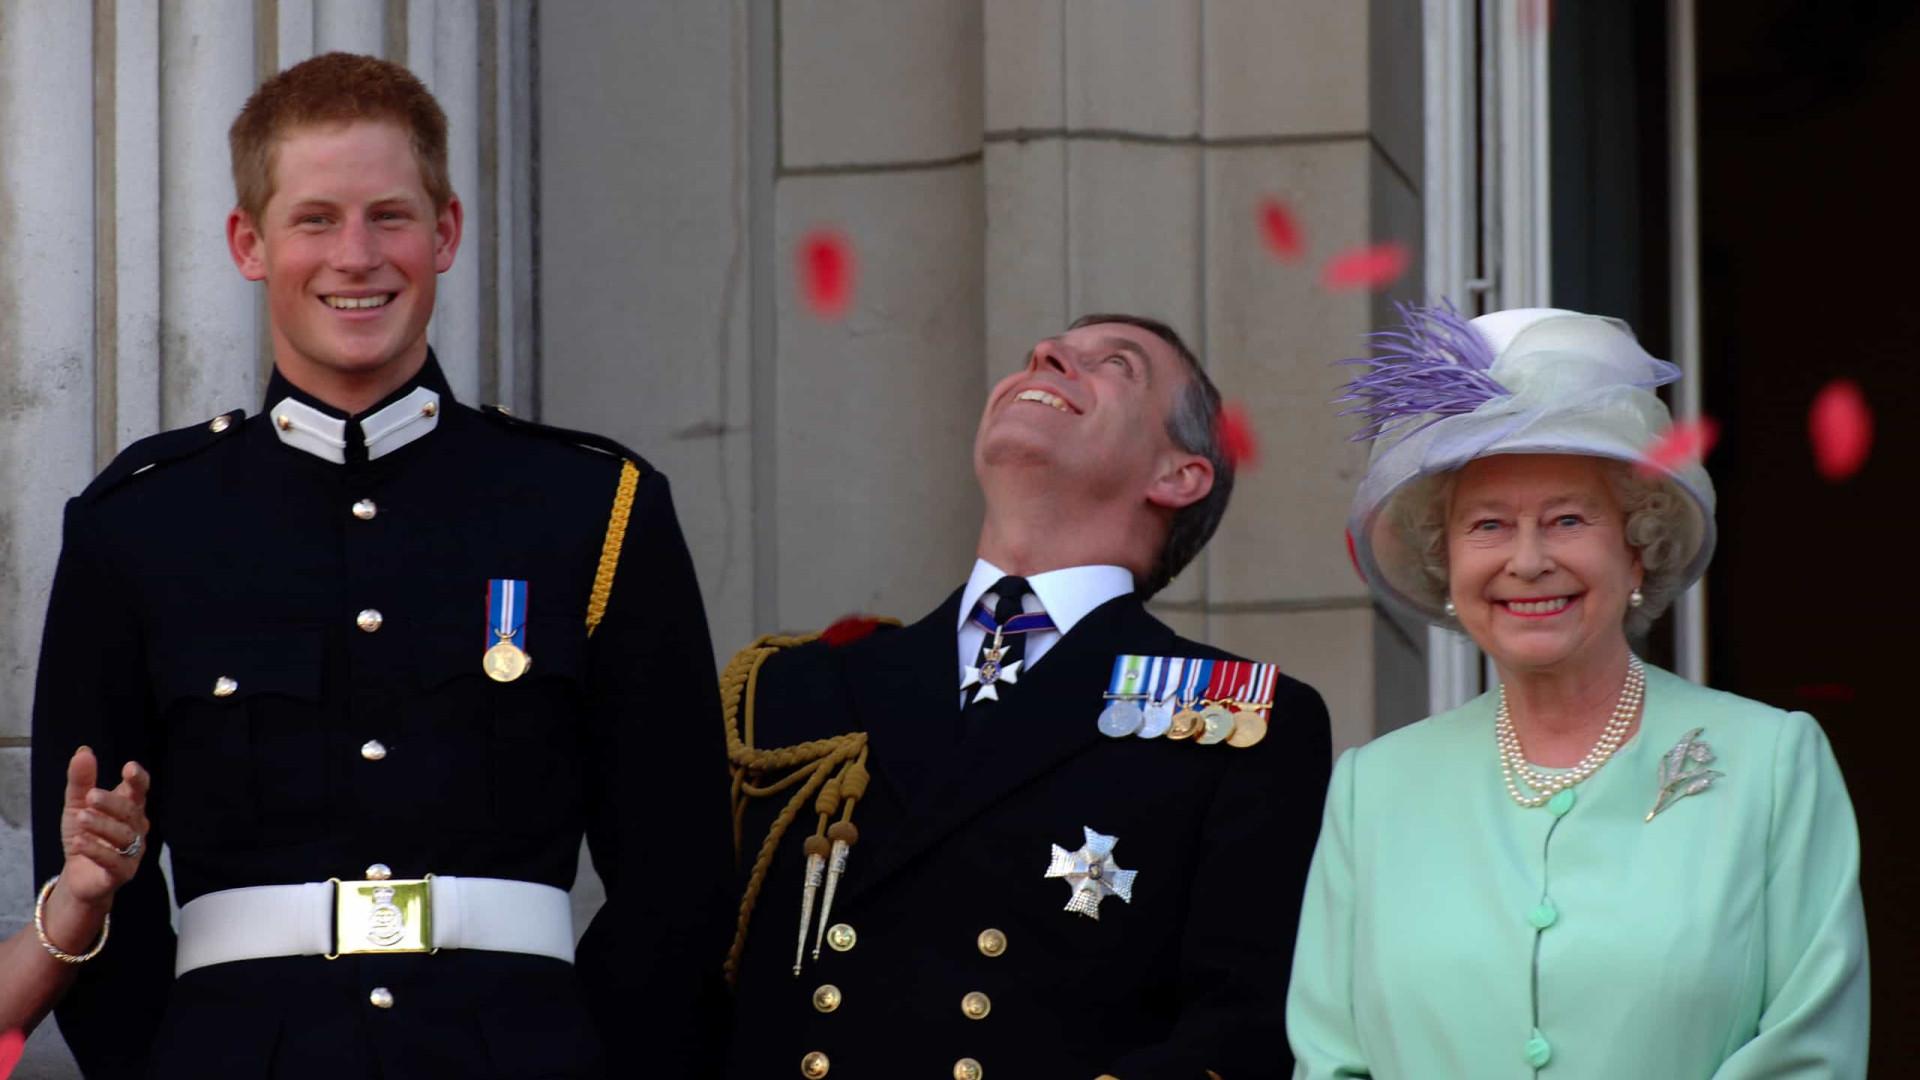 Aniversário: a mensagem da rainha e a 'viagem' à infância de Harry